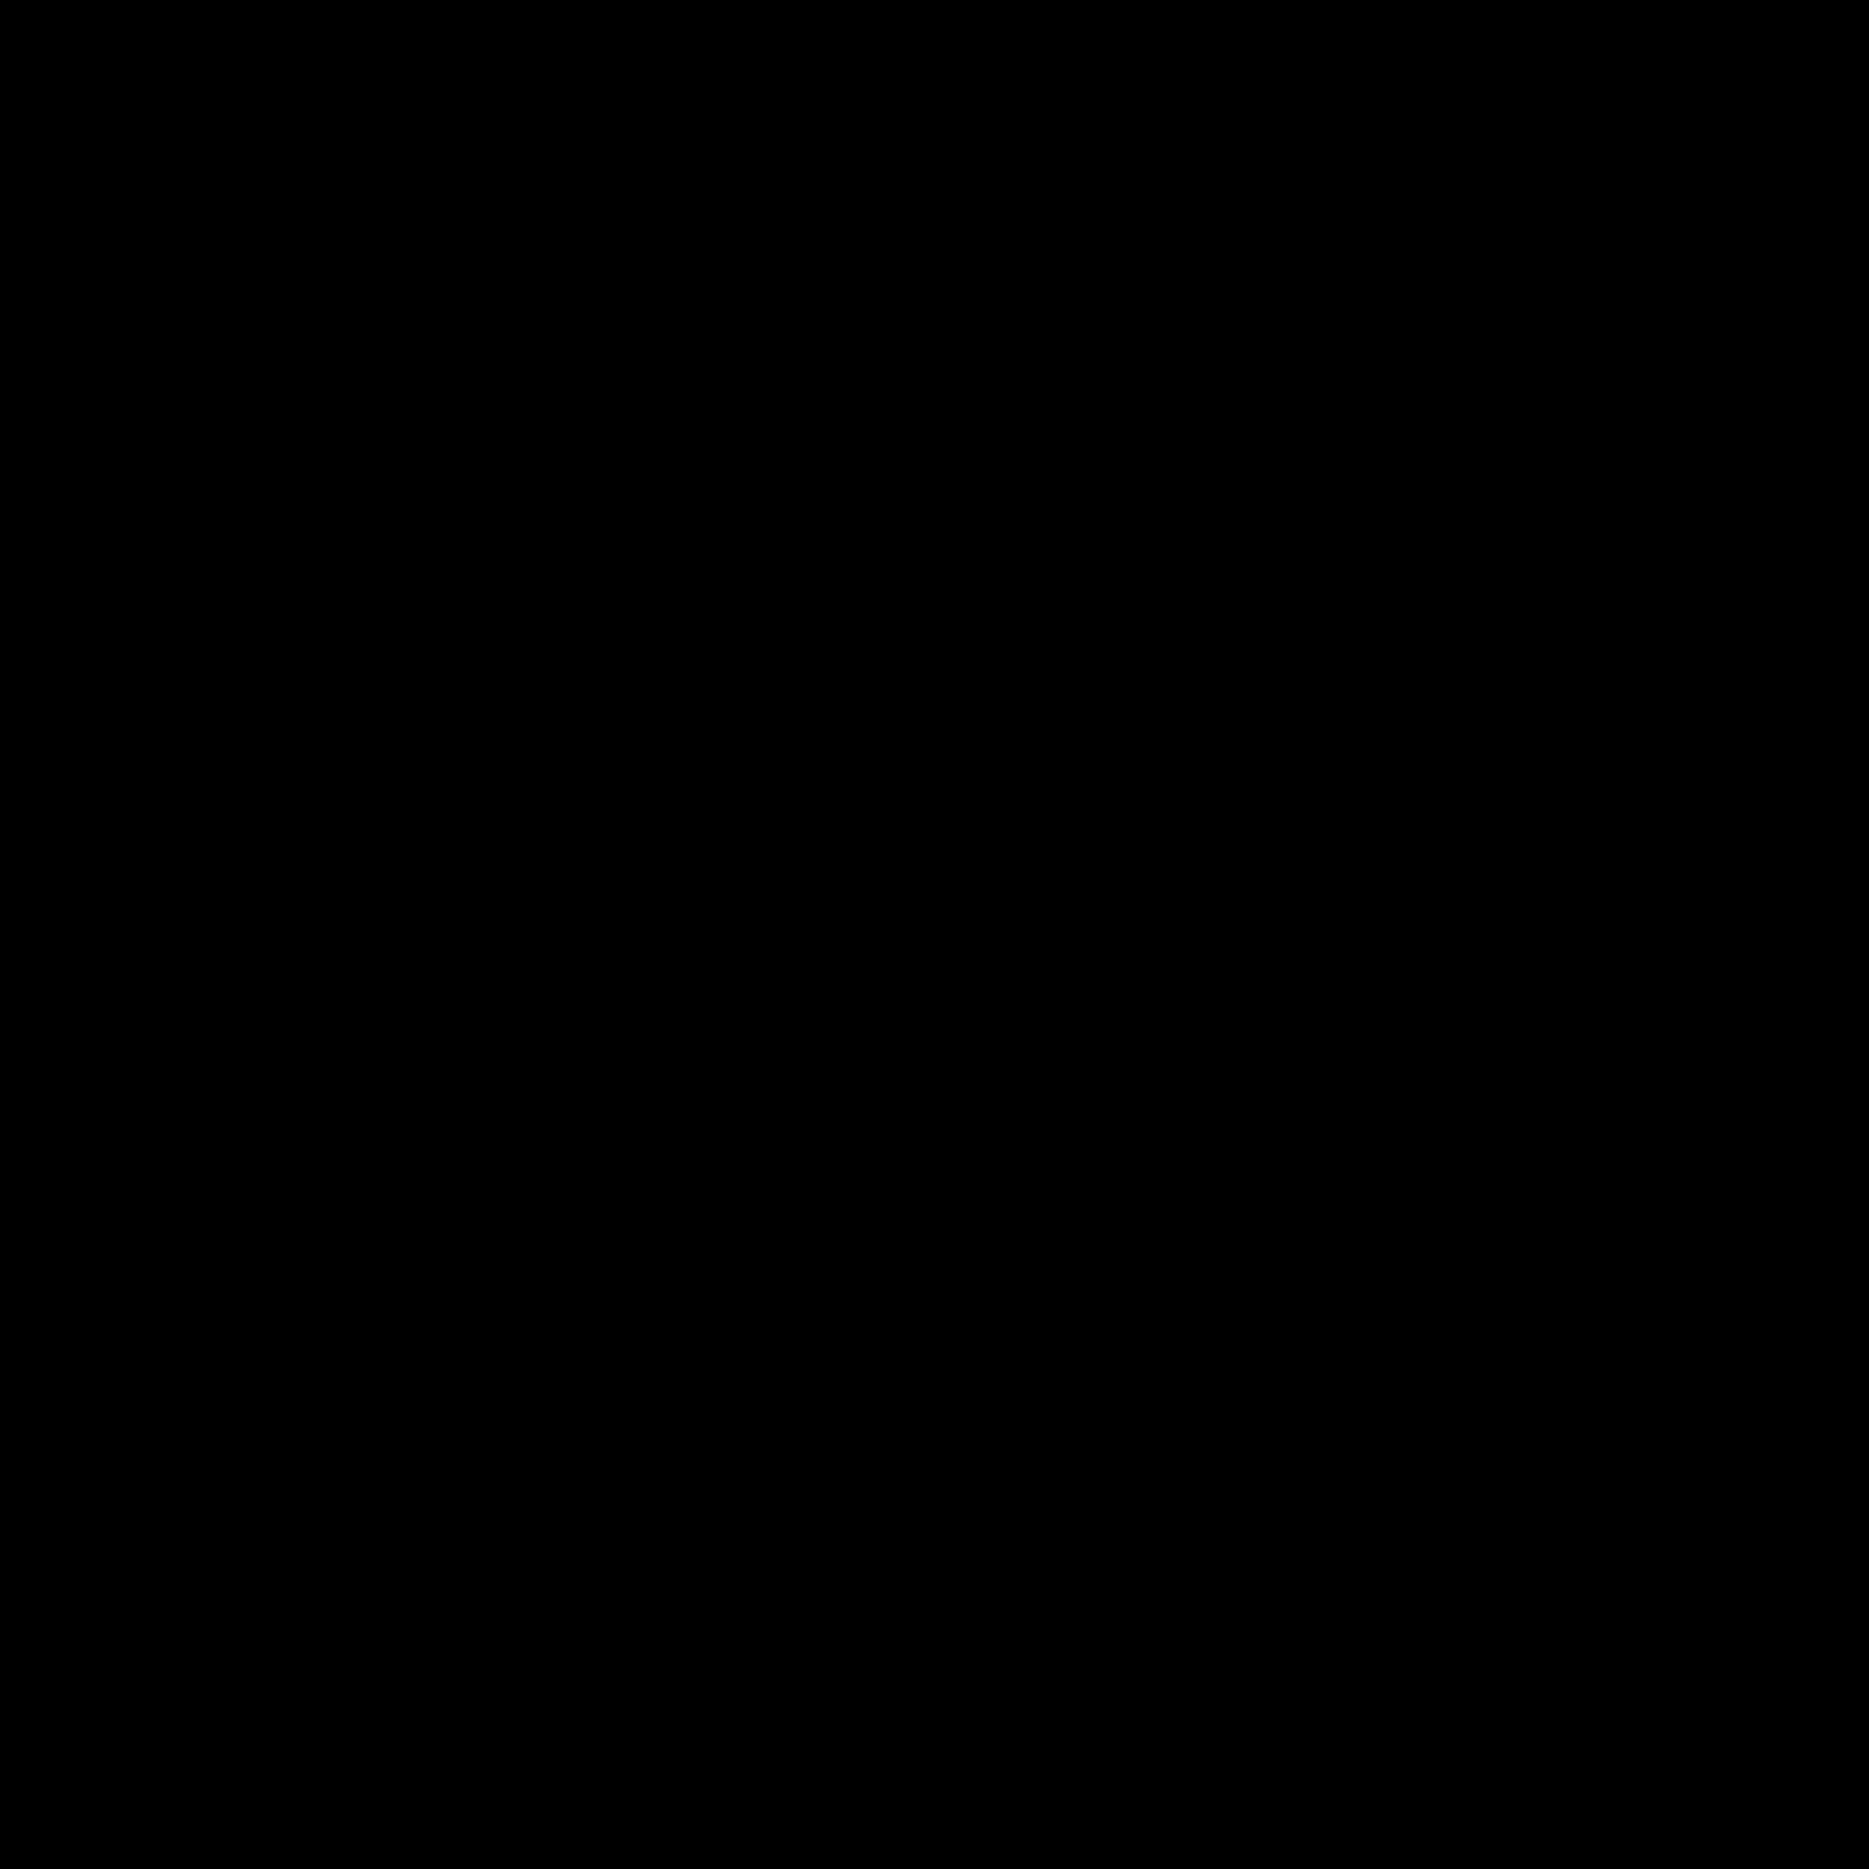 1869x1869 Bear Clipart Silhouette